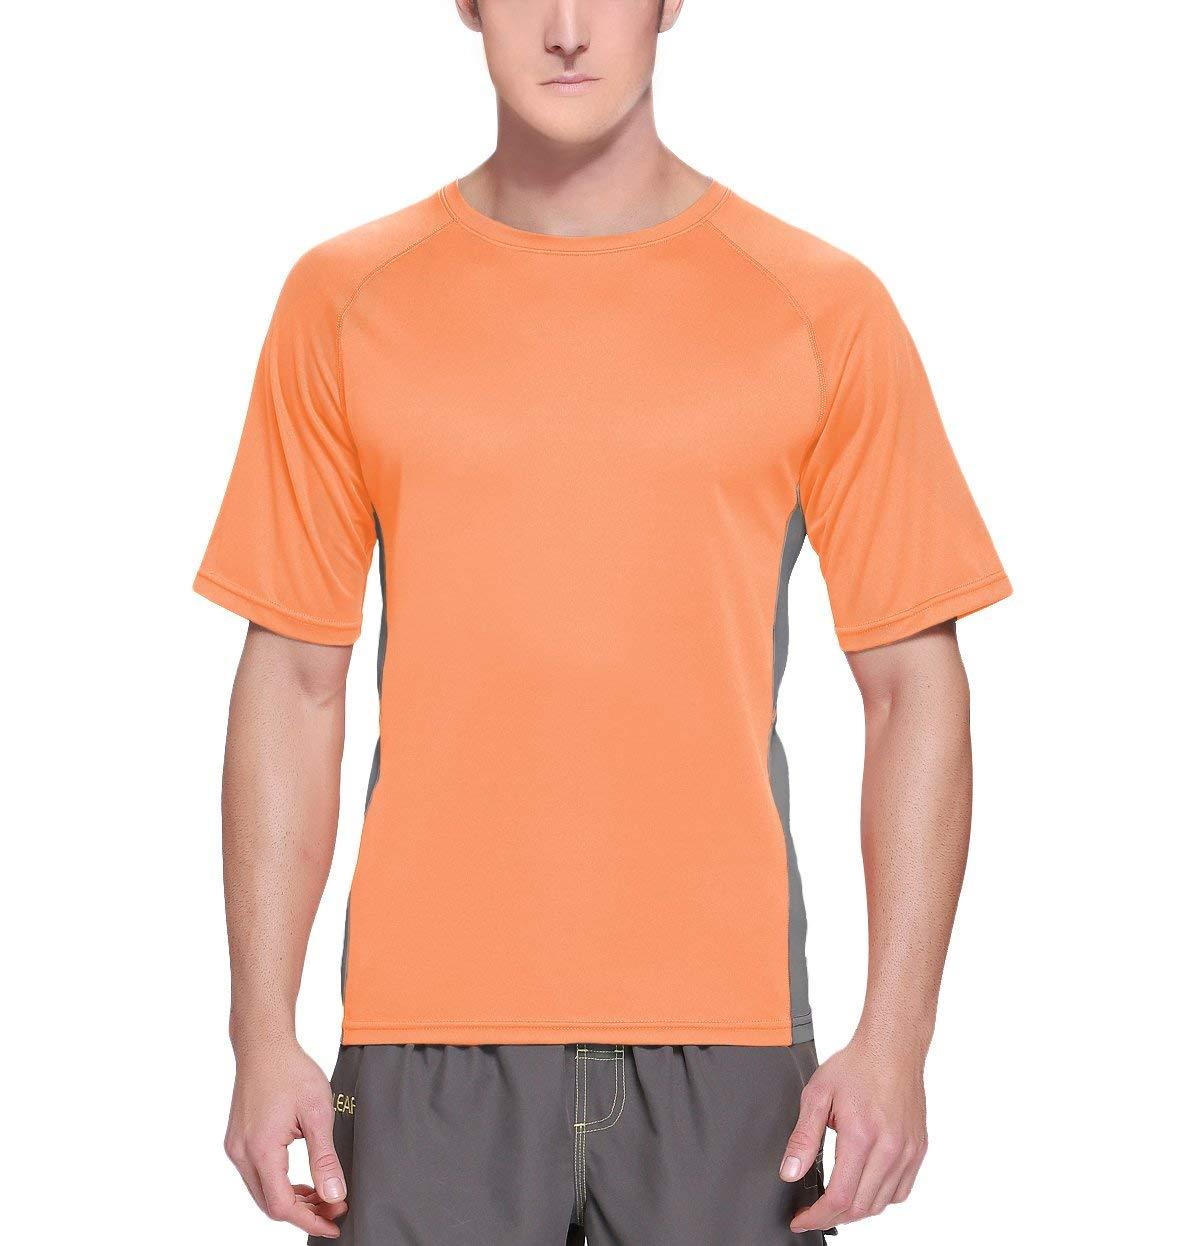 Baleaf Men's Short Sleeve Sun Protection Rashguard Swim Shirt UPF 50+ Fluorescent Orange S by Baleaf (Image #2)